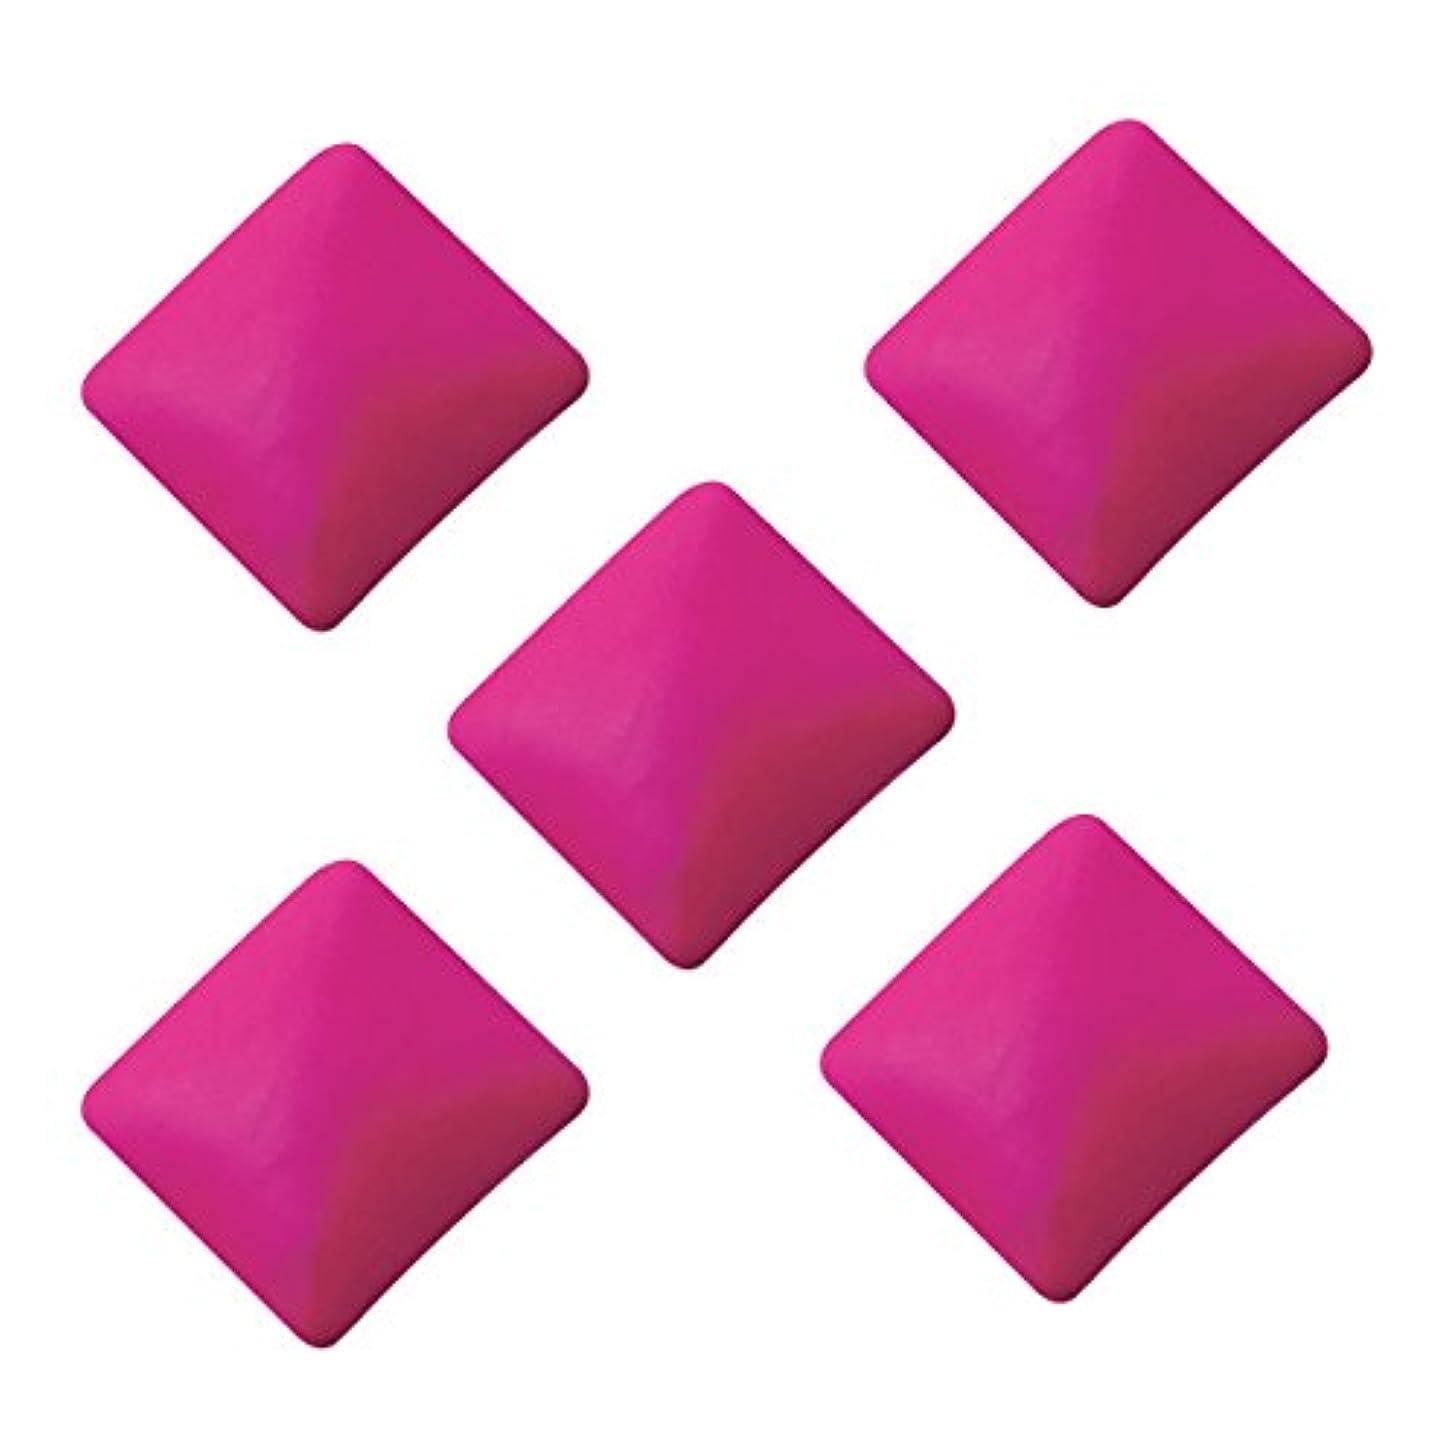 肯定的オーケストラ従うネオンスタッズ スクエア 3×3mm(100個入り) ピンク